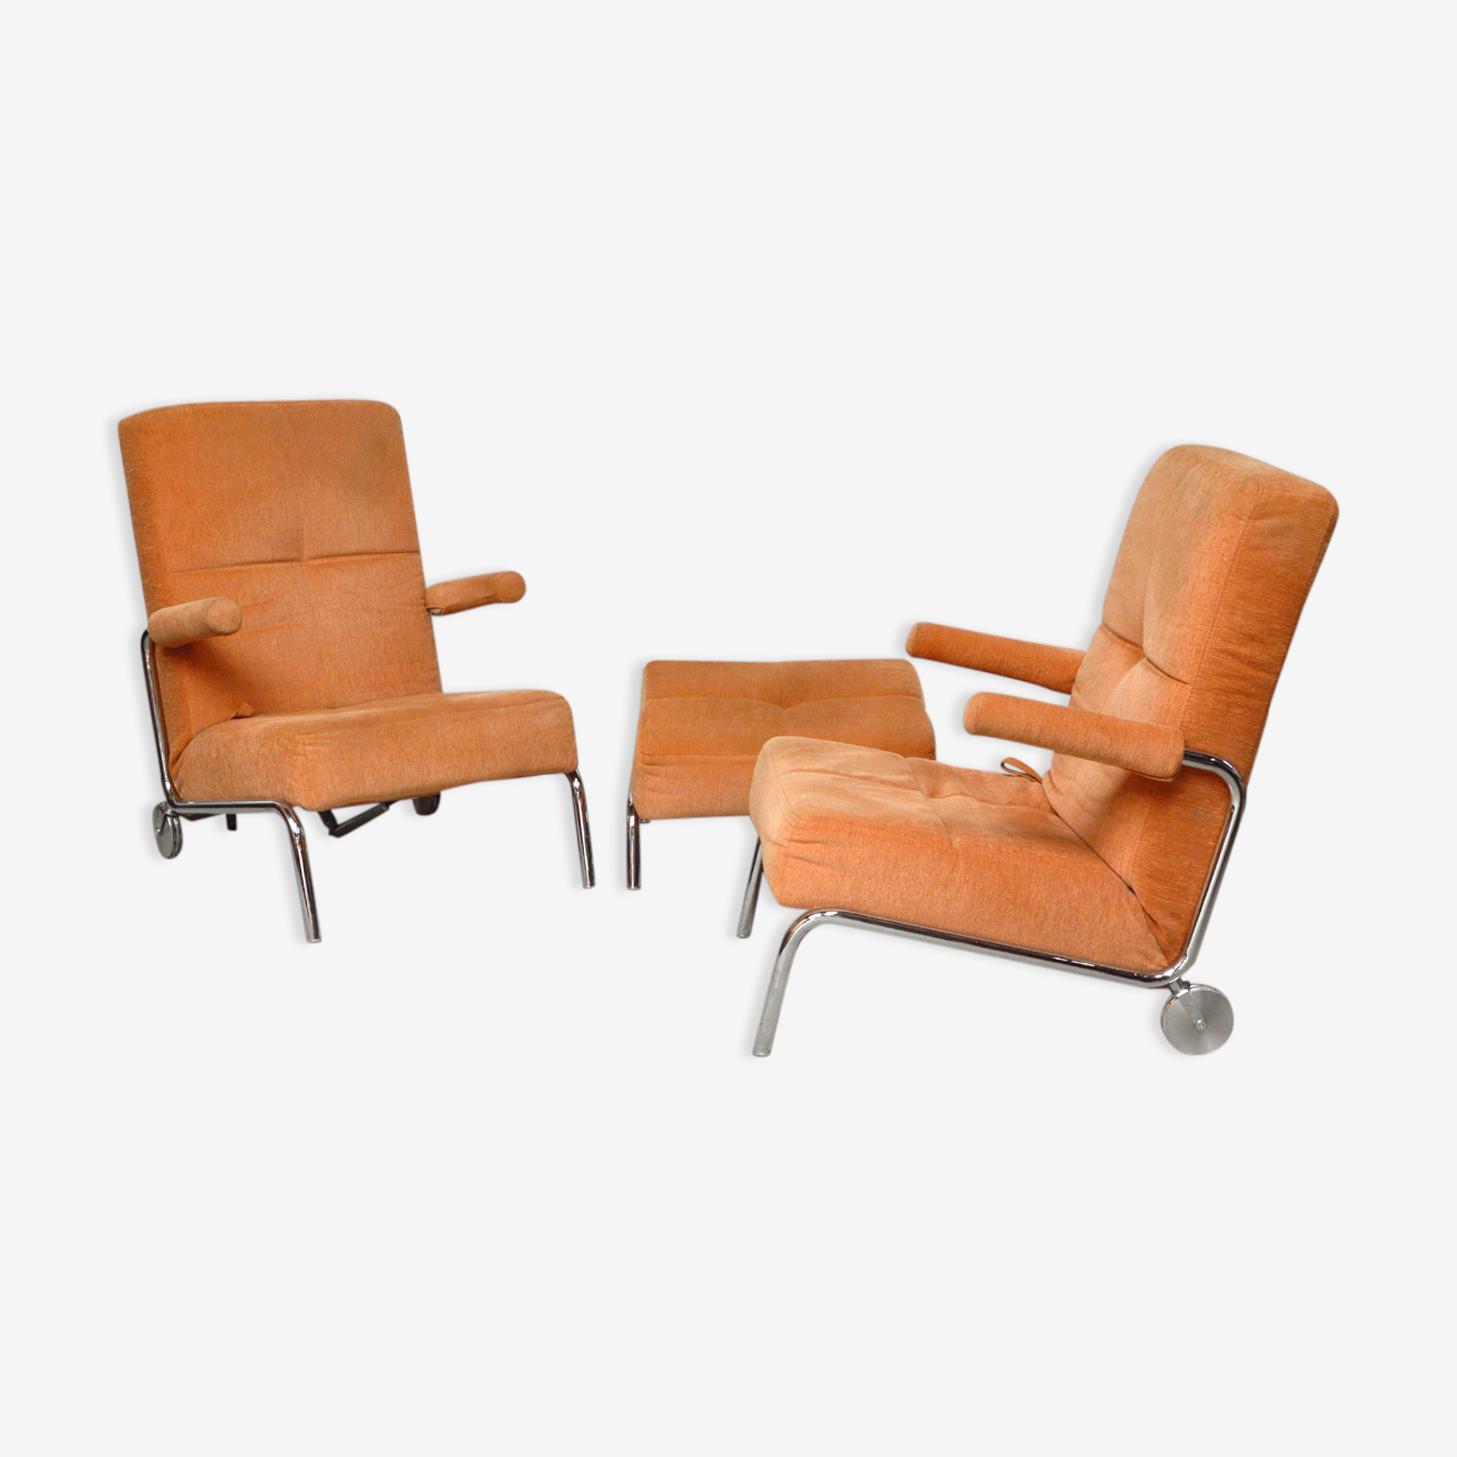 Fauteuils relax design Brühl 1980